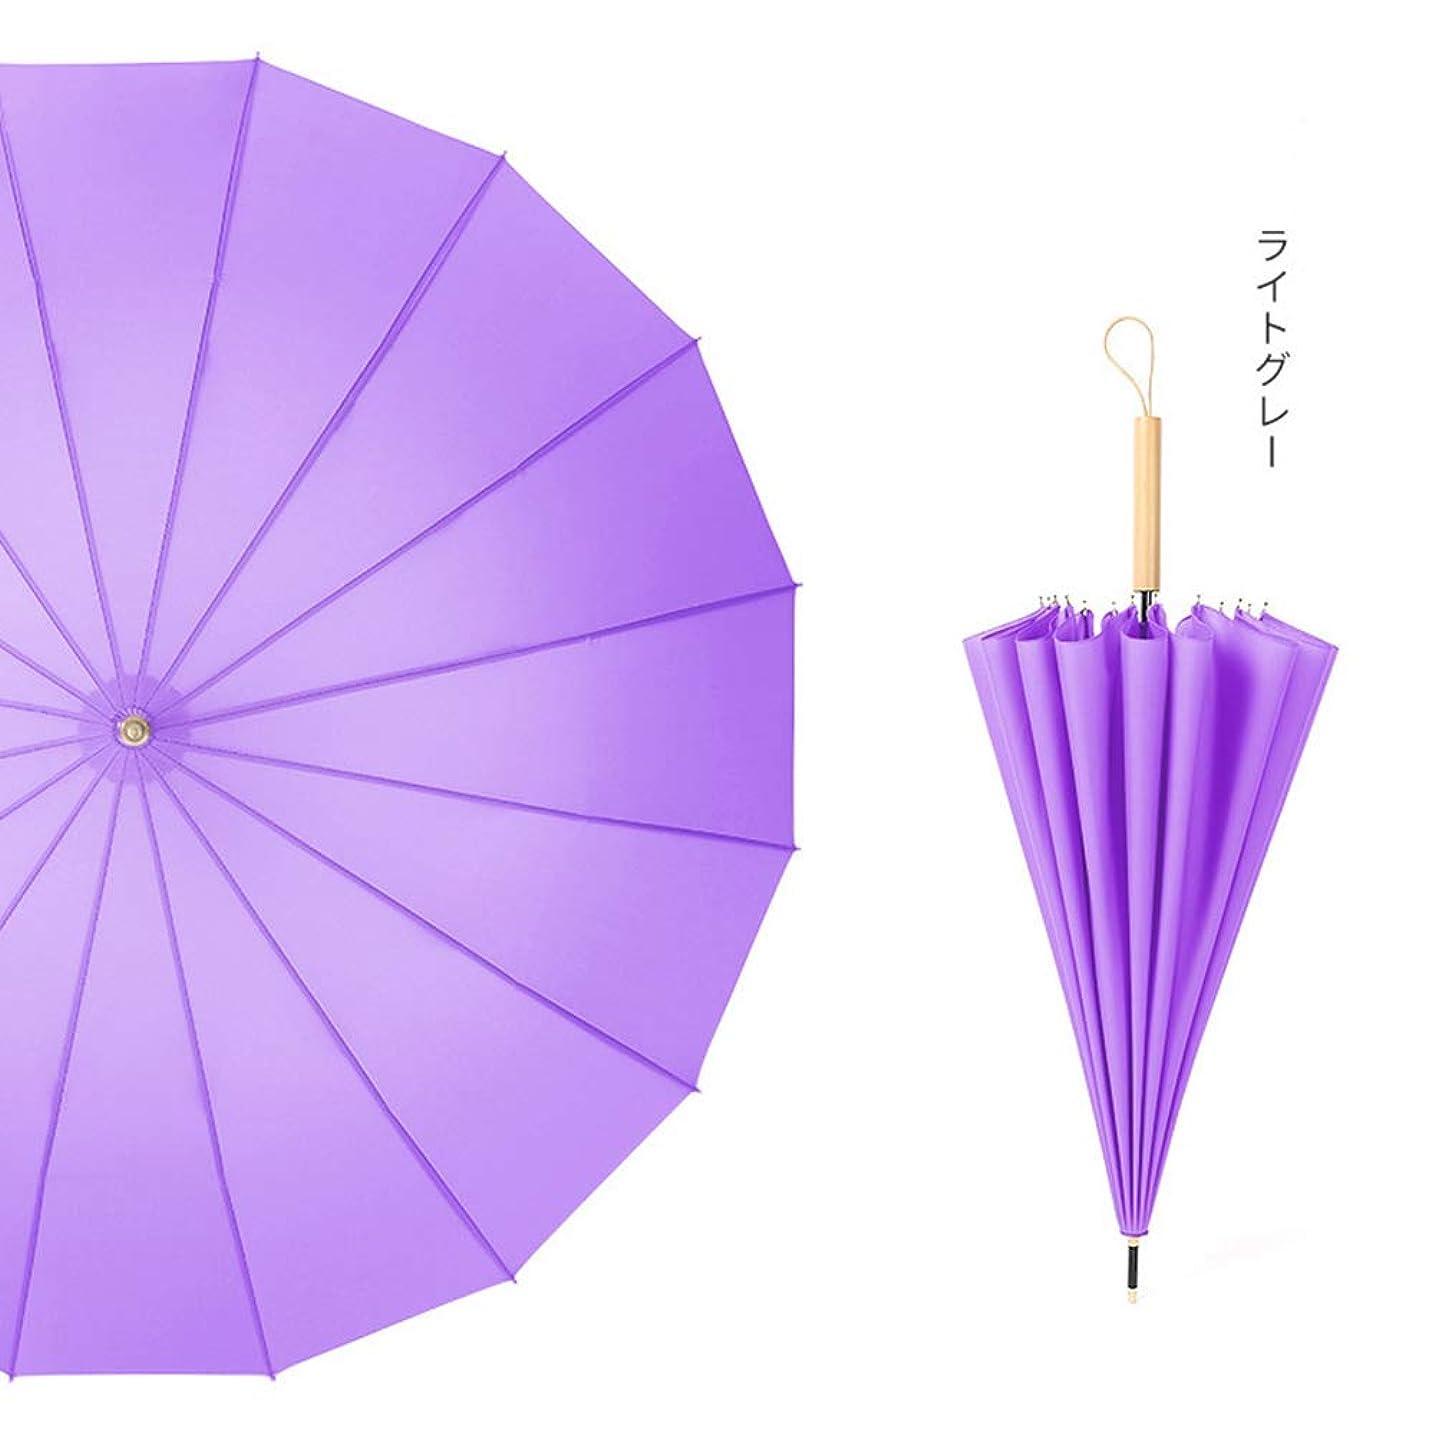 法律により霊掃く神馬 文学16骨ロングハンドル傘レトロ雨兼用アンティーク風セン日本の小さな新鮮なストレート傘 (パープル)